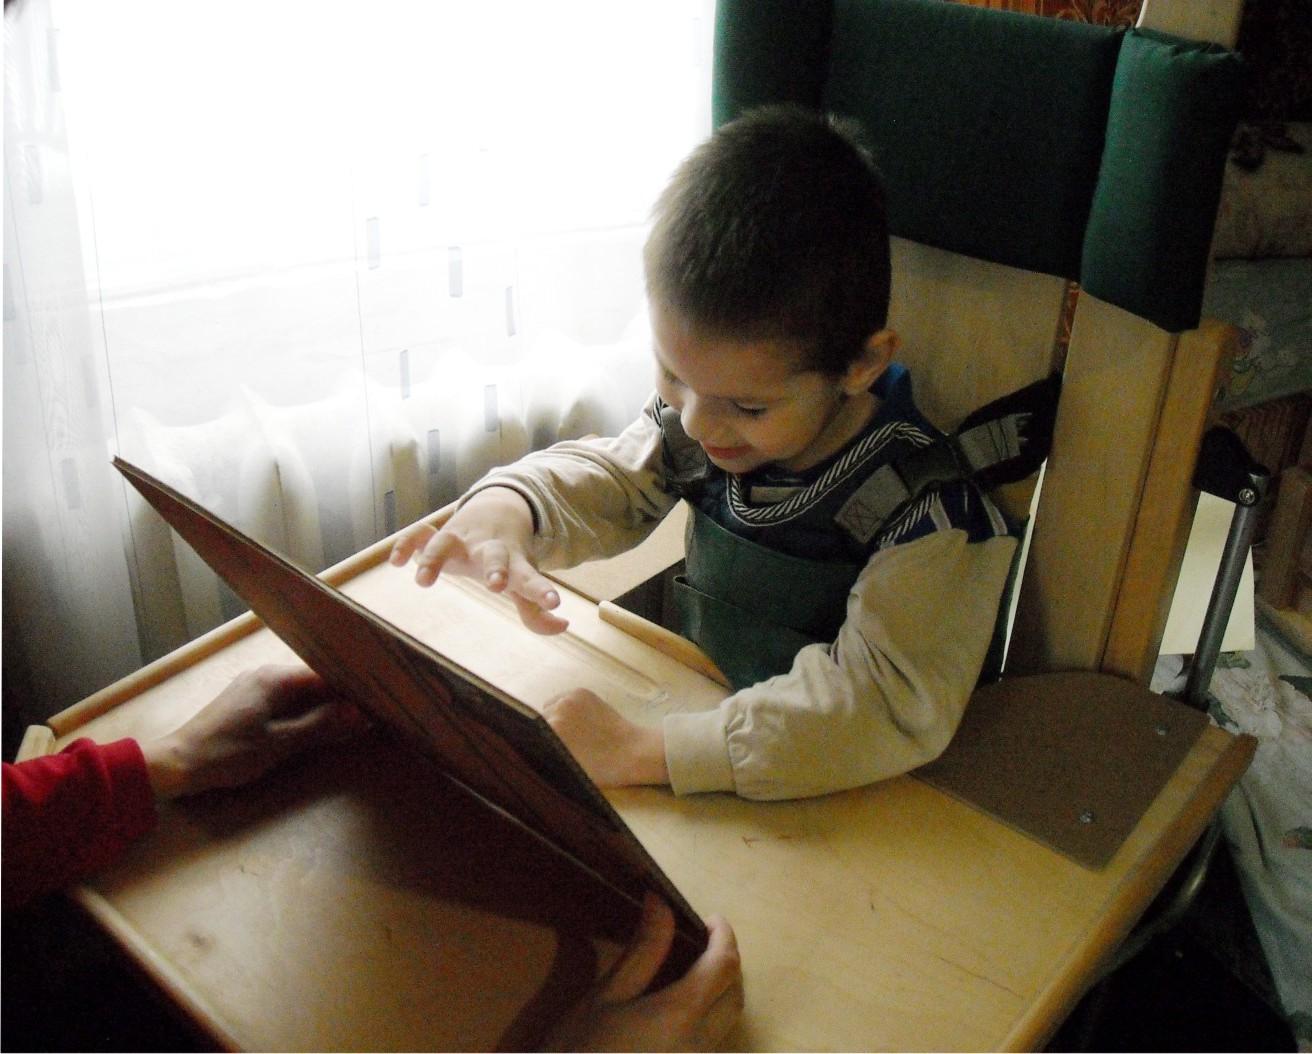 фото для детей 11 лет на аву